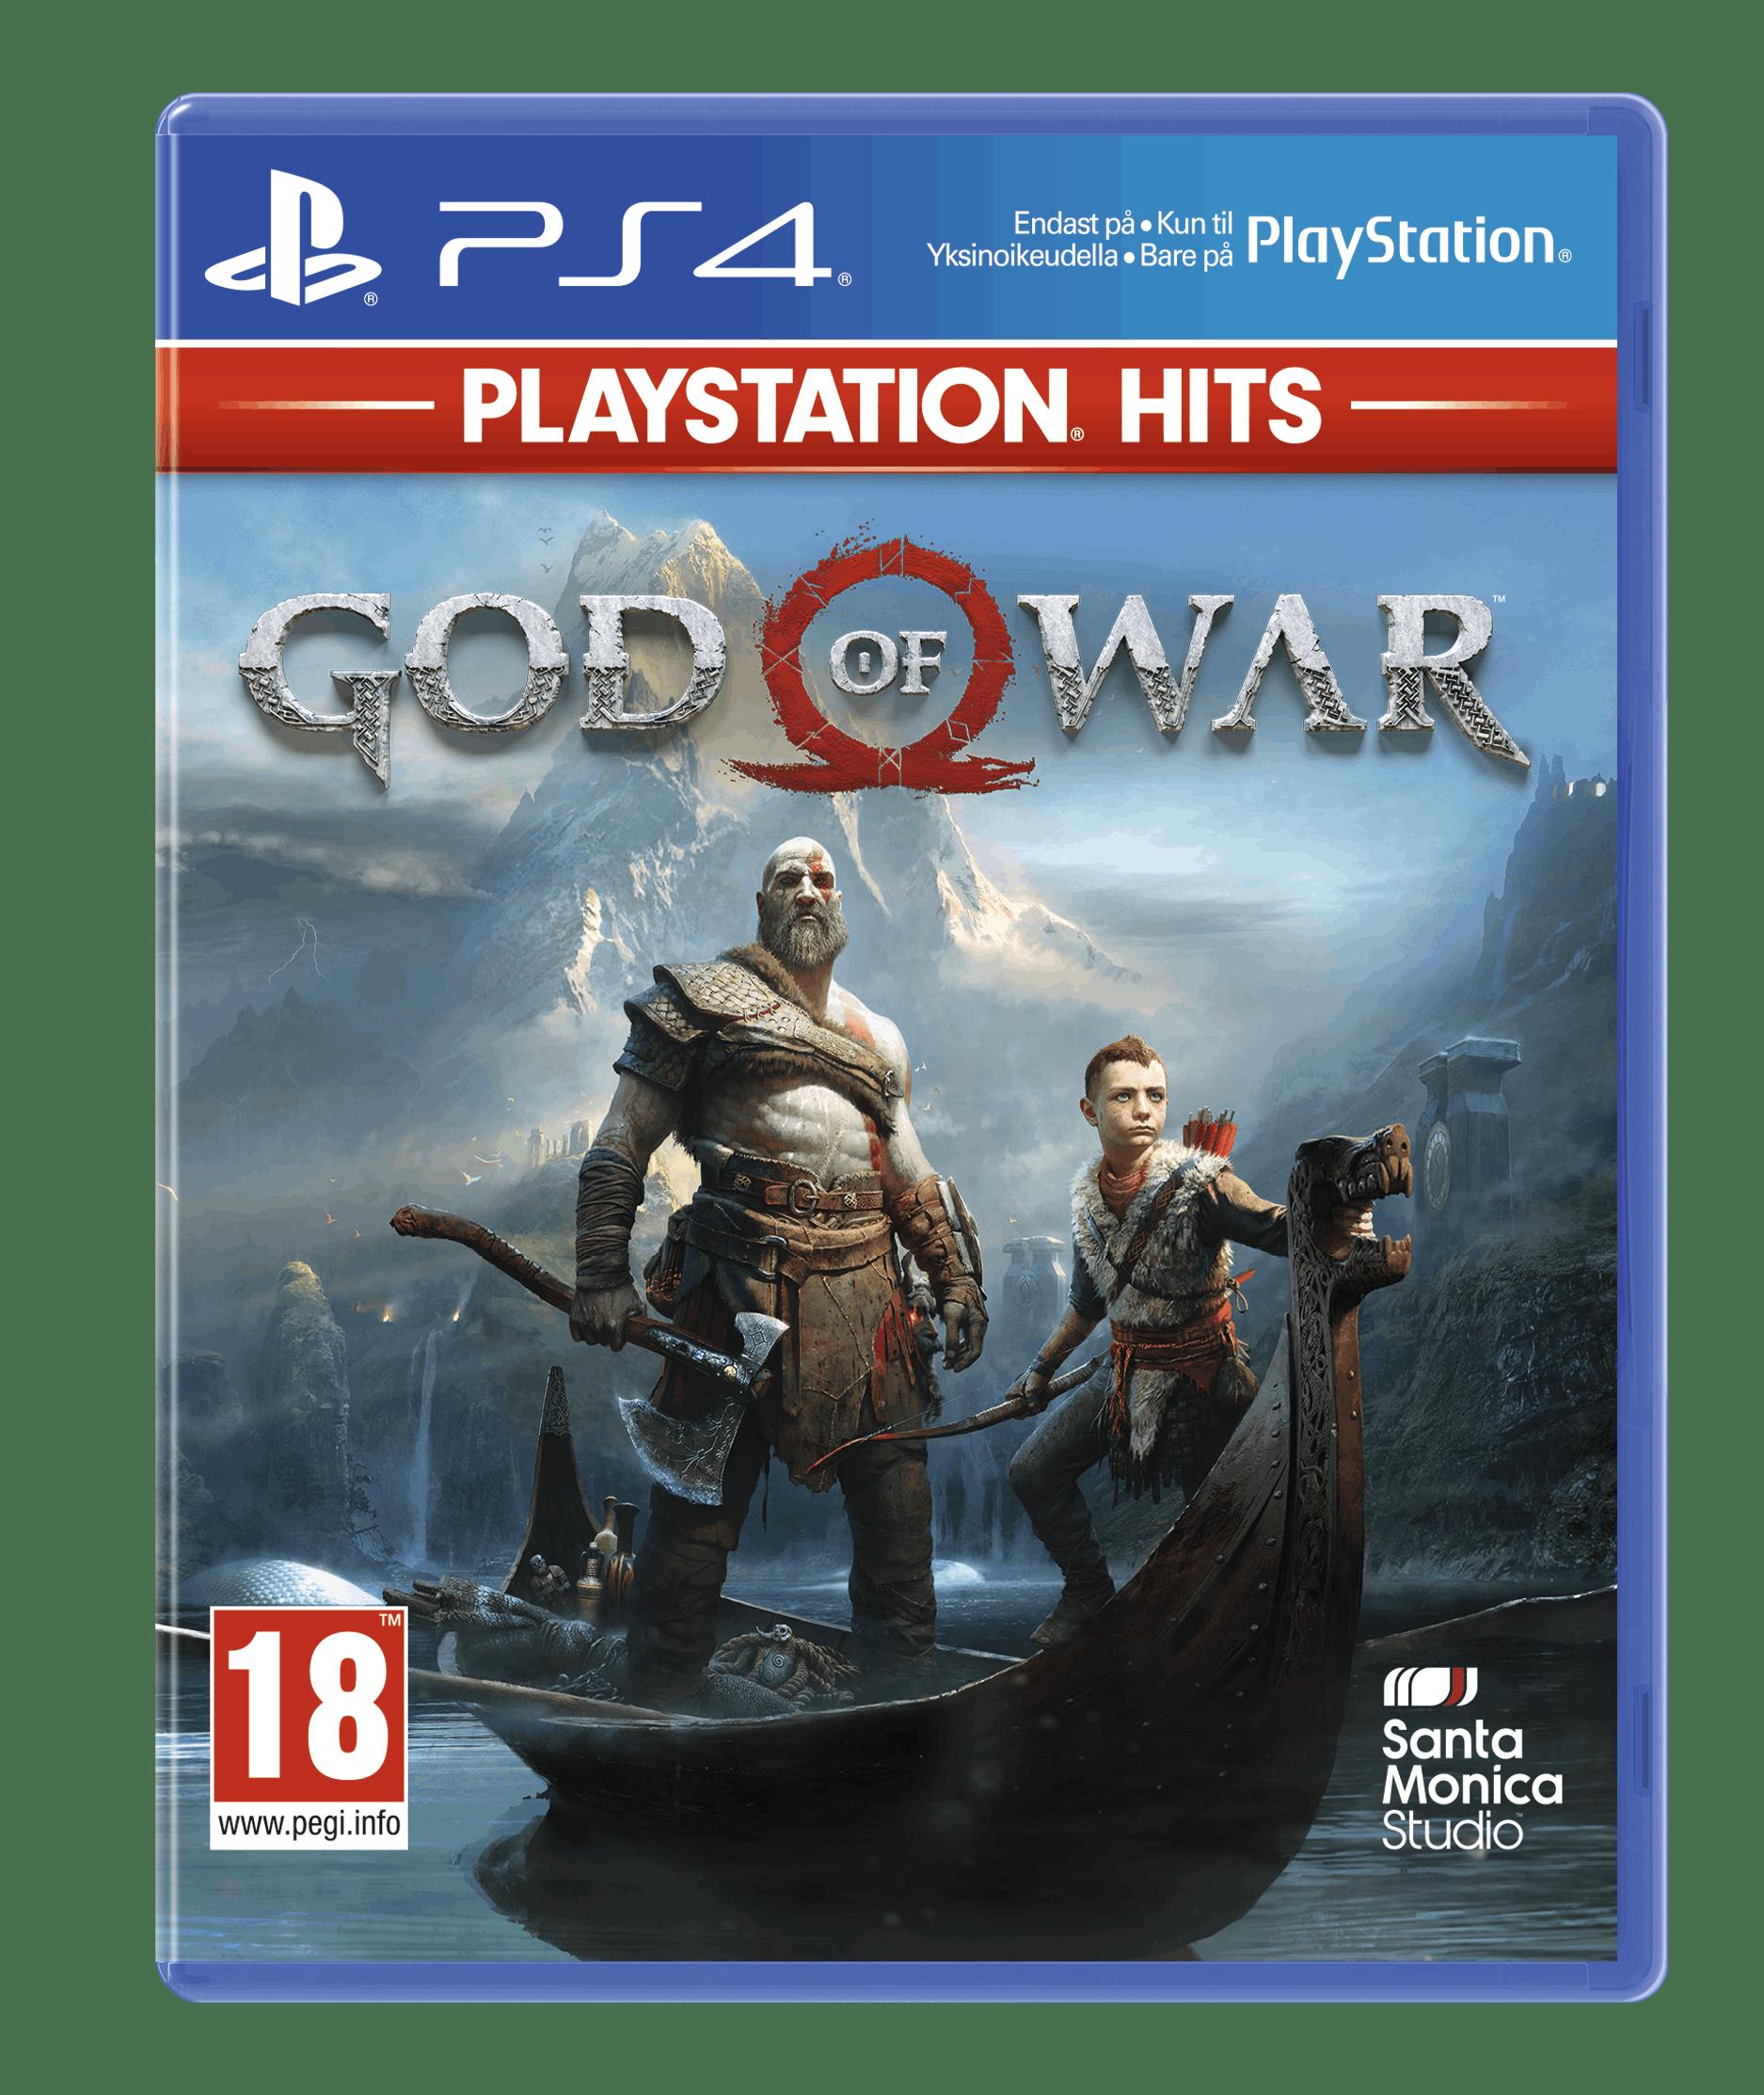 God of War (PlayStation Hits) (Nordic)